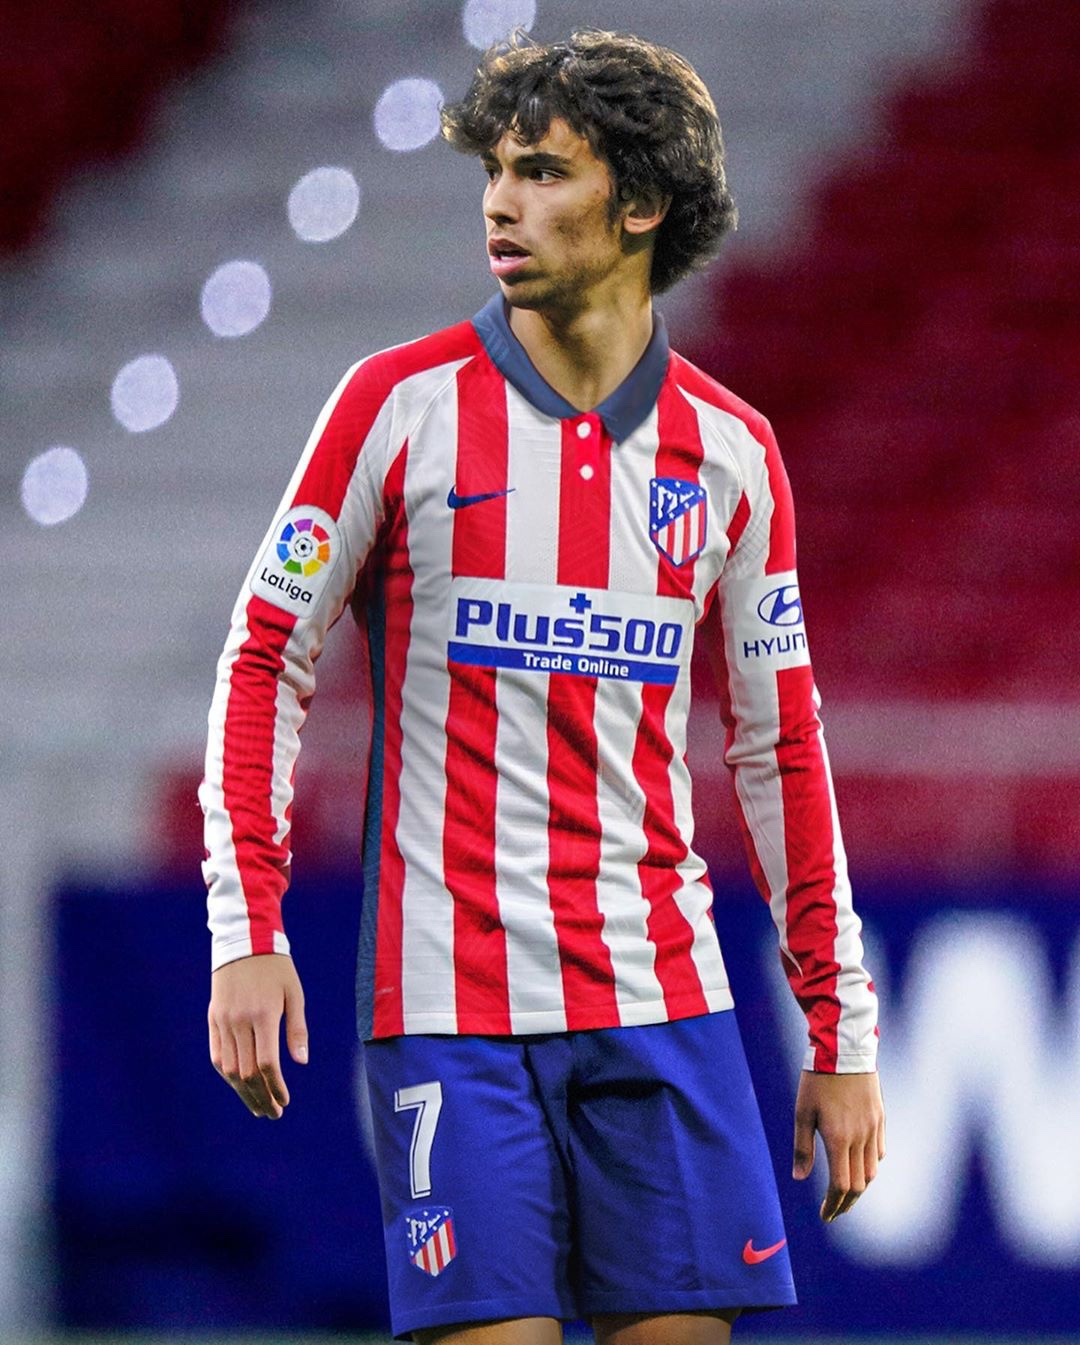 Atletico Madrid maglia 2020 2021